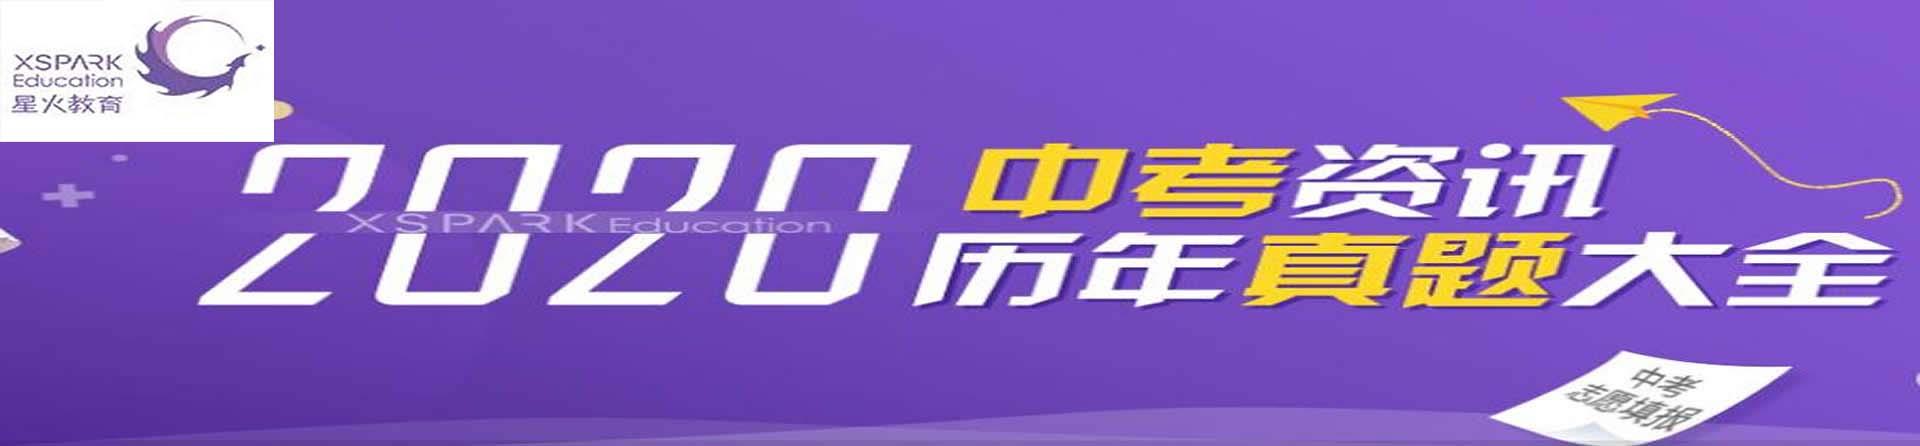 郑州星火教育